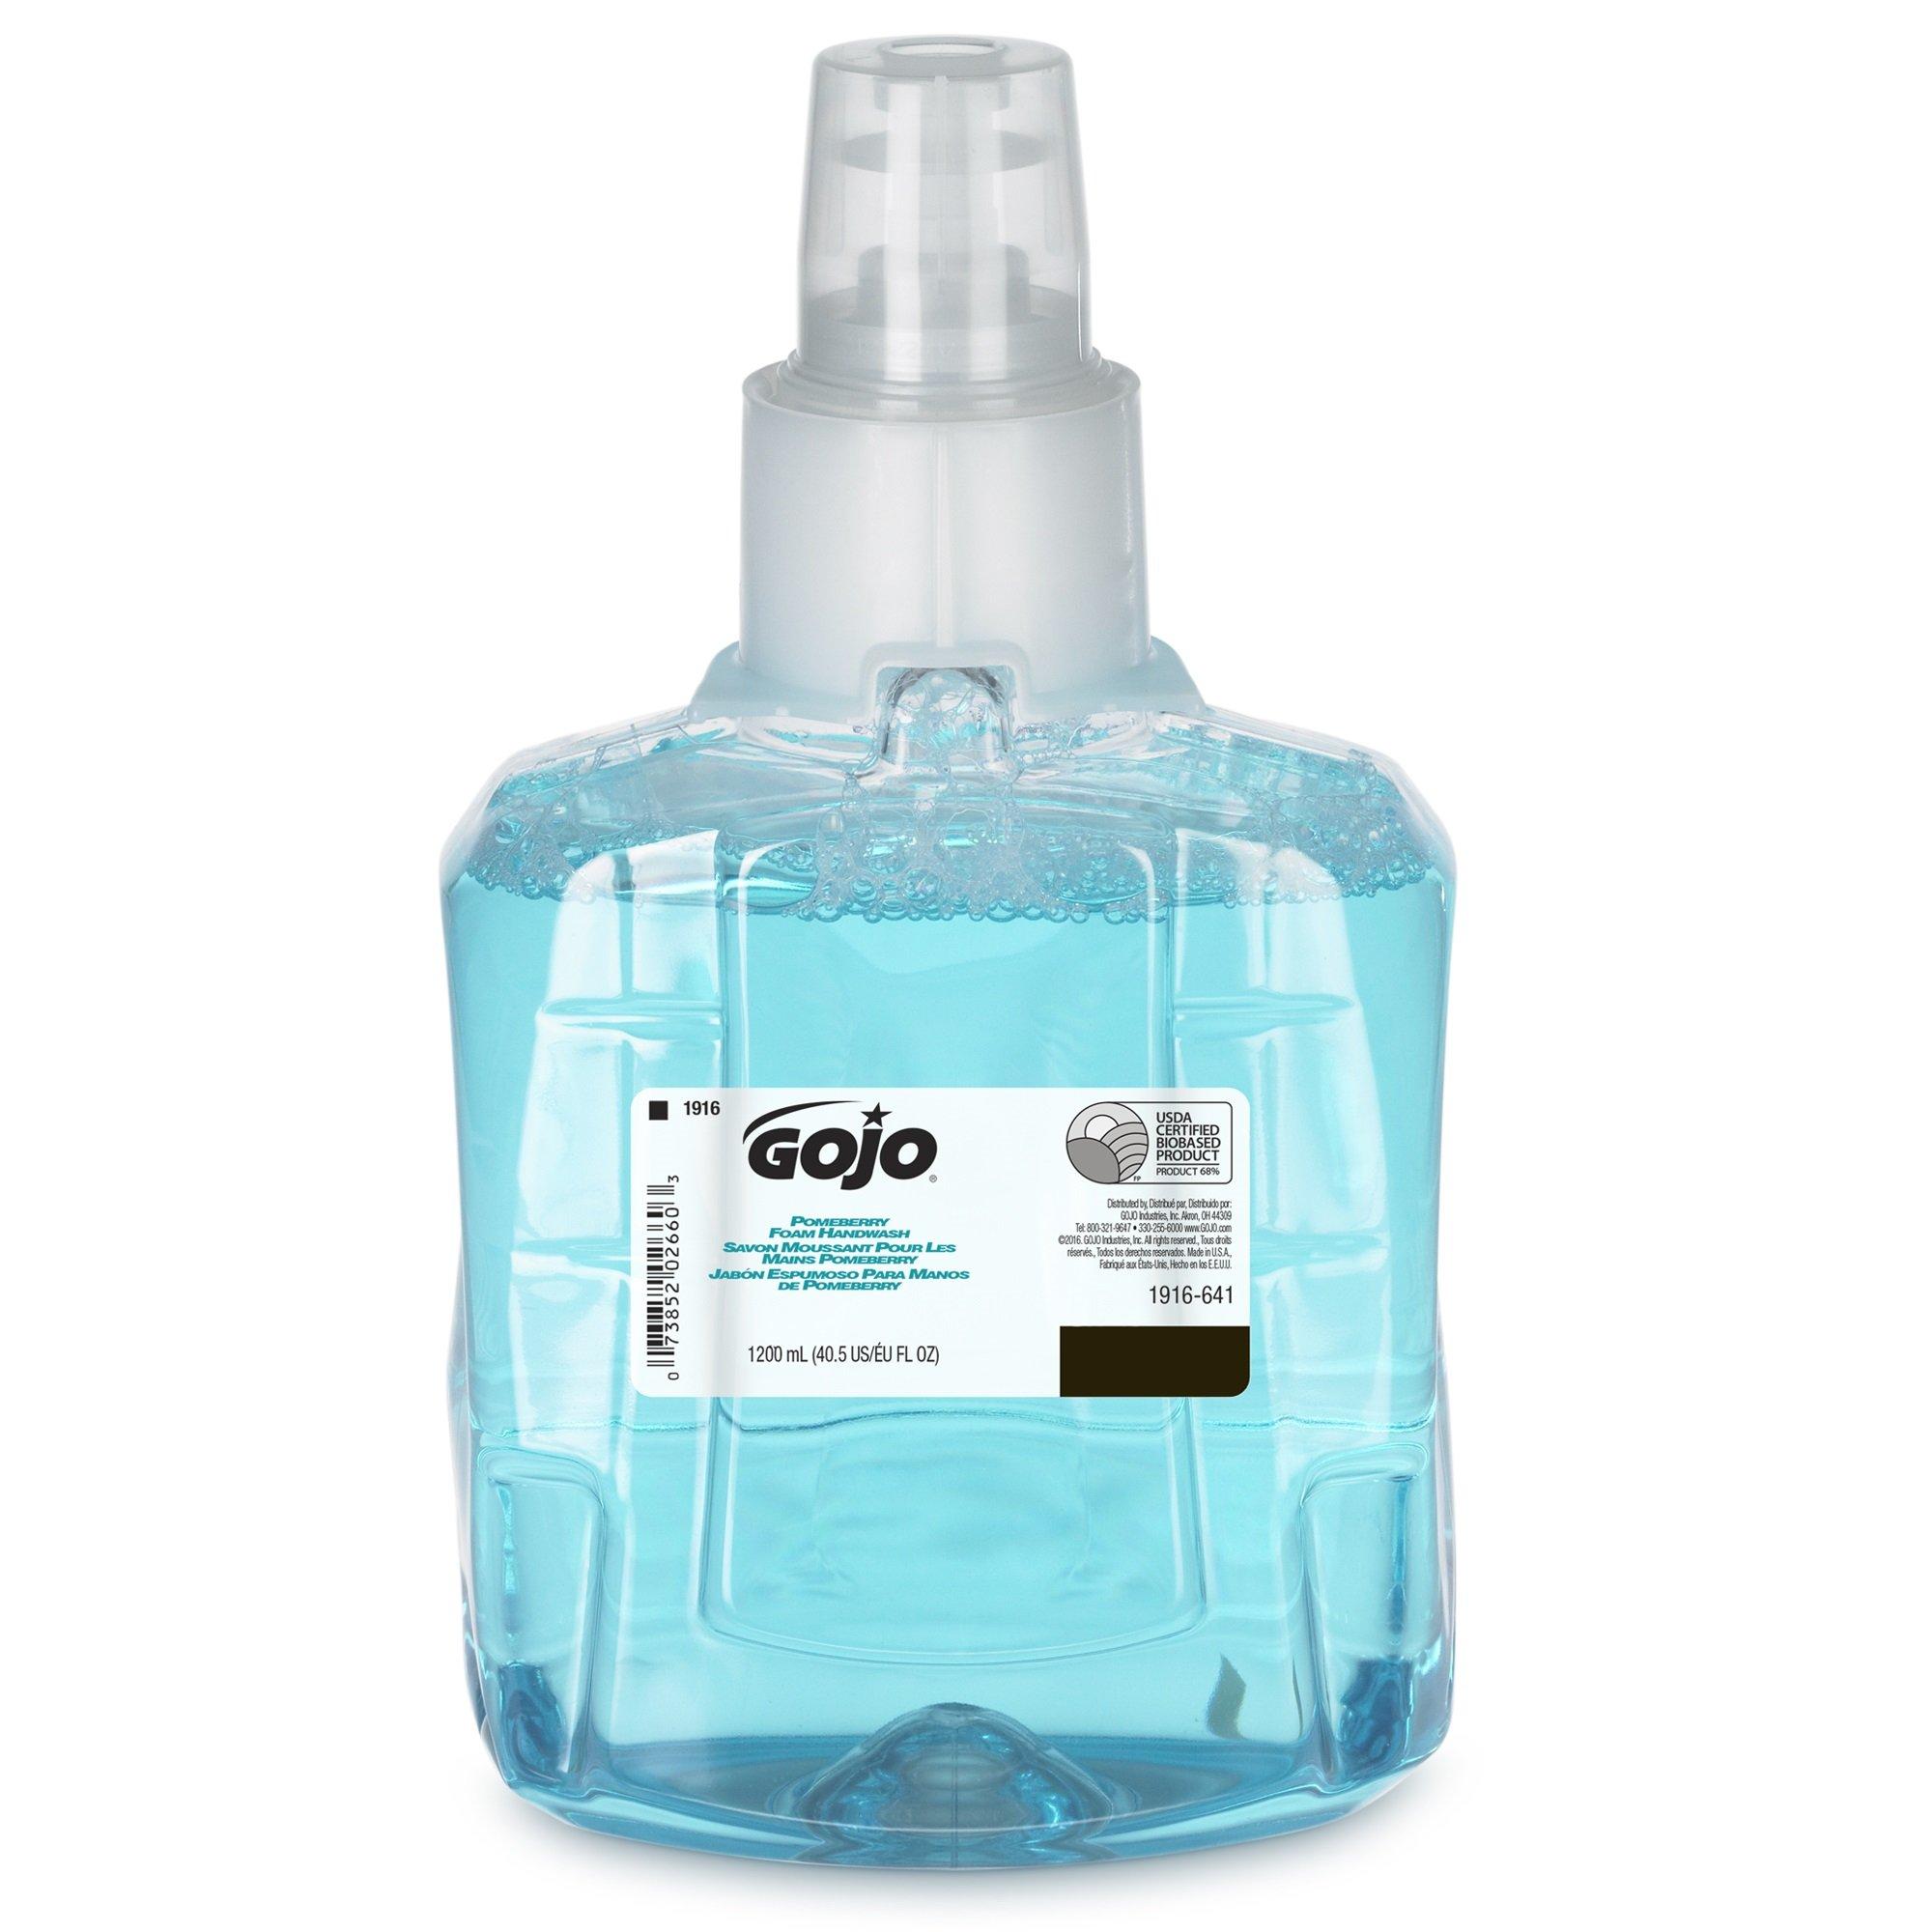 GOJO LTX-12 Pomeberry Foam Handwash, Pomeberry Fragrance, 1200 mL Handsoap Refill for GOJO LTX-12 Touch-Free Dispenser – 1916-06-EC